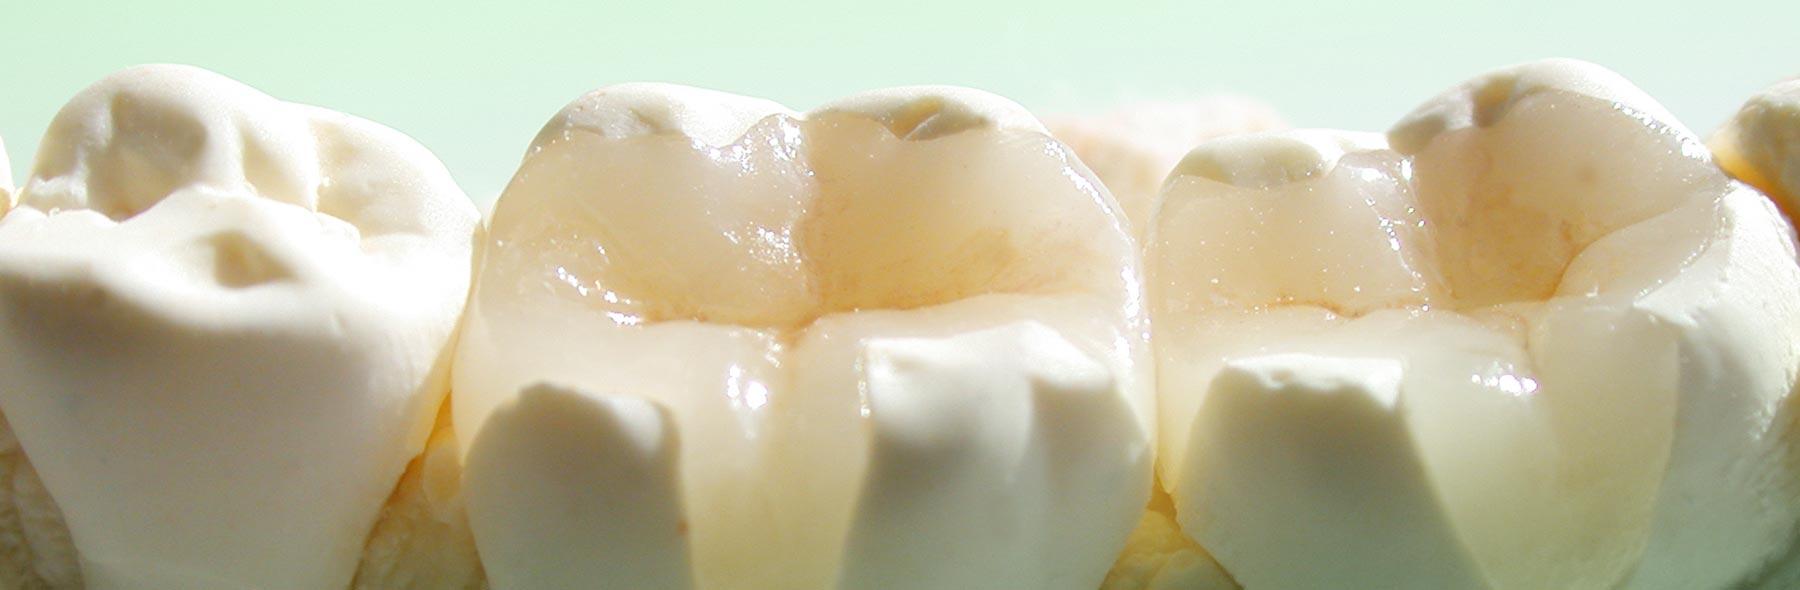 Inlays und Onlays aus Kunstoff (auch Gold oder Keramik) werden bei größeren defekten im Seitenzahnbereich eingesetzt